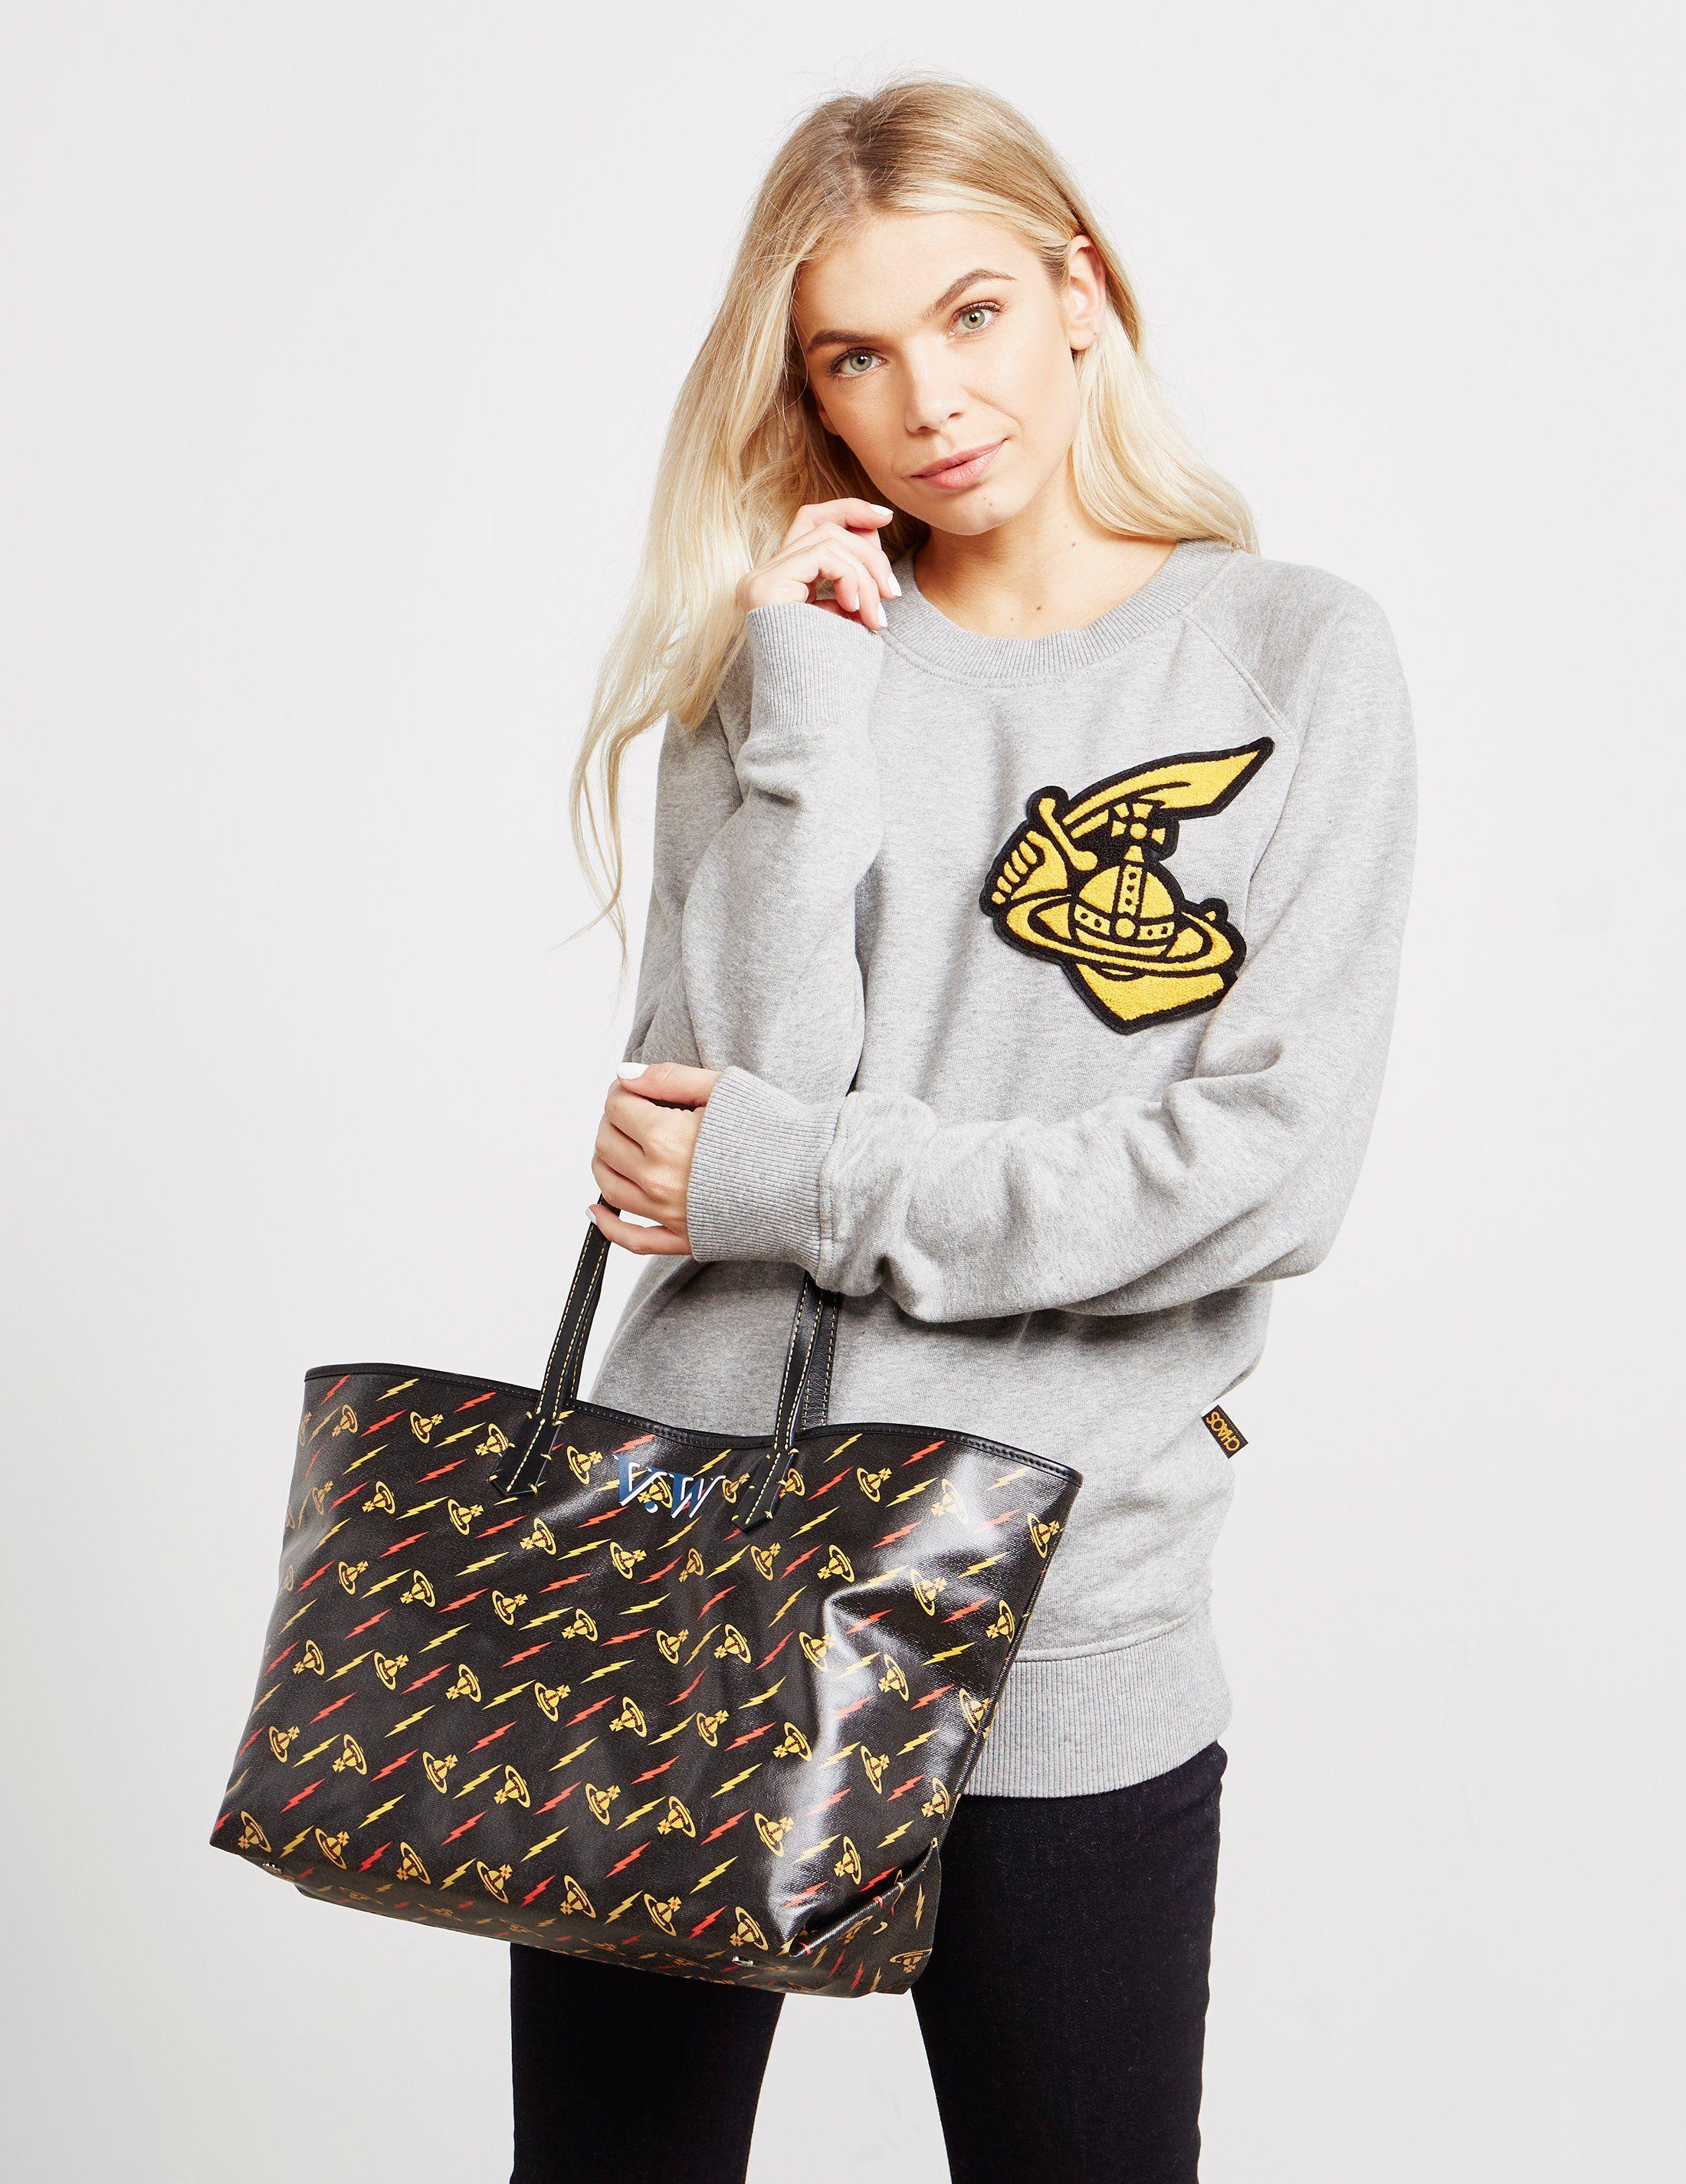 Vivienne Westwood Collette Orb Shopper Bag